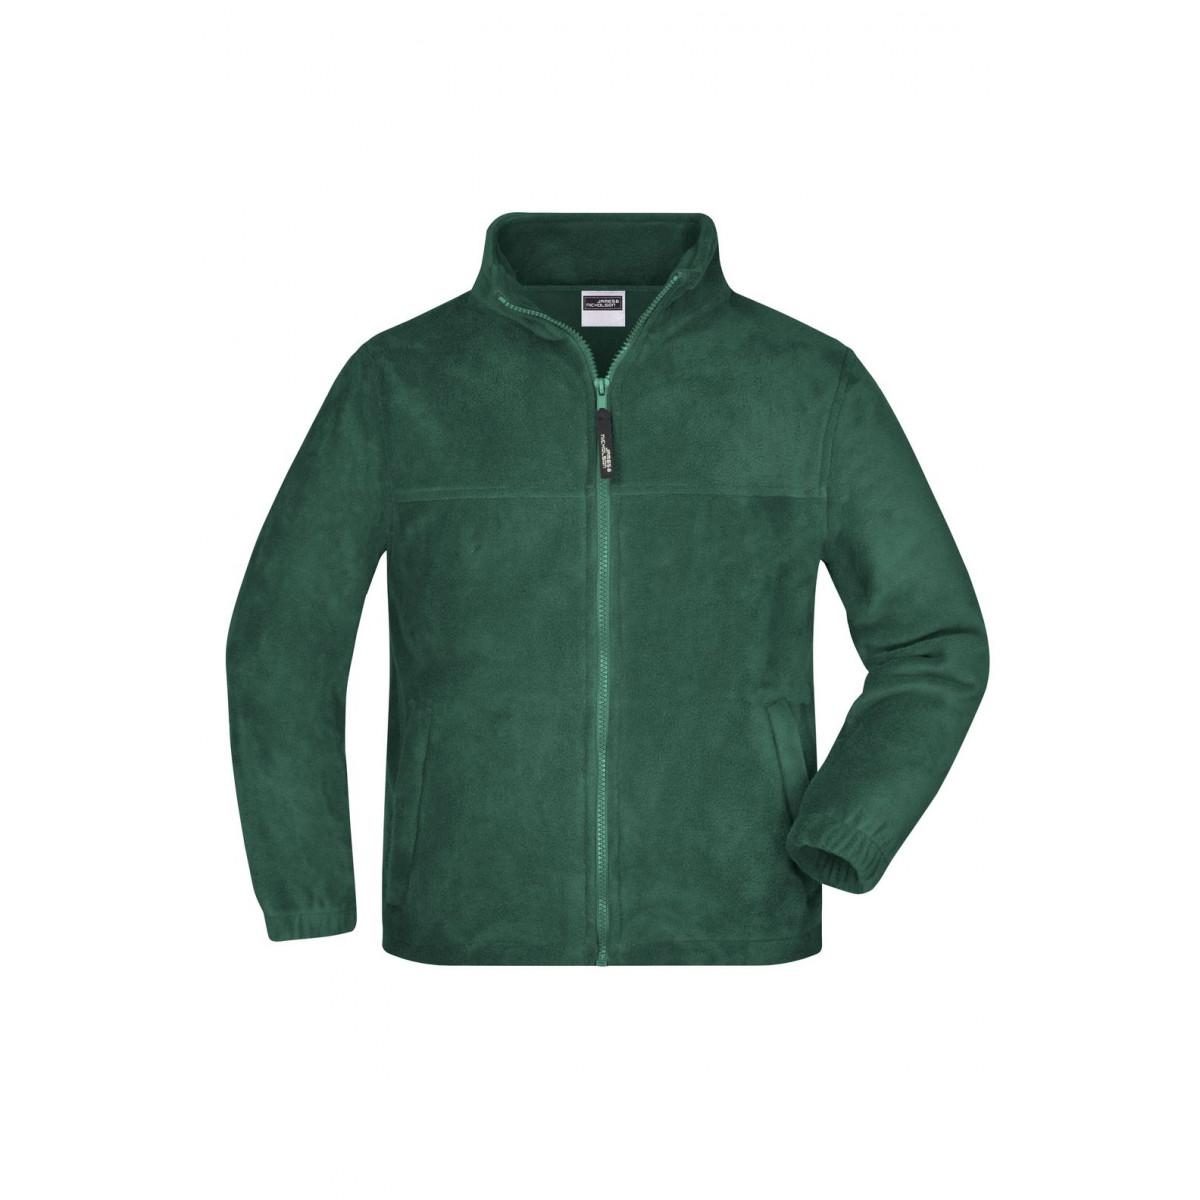 Толстовка детская JN044K Full-Zip Fleece Junior - Темно-зеленый